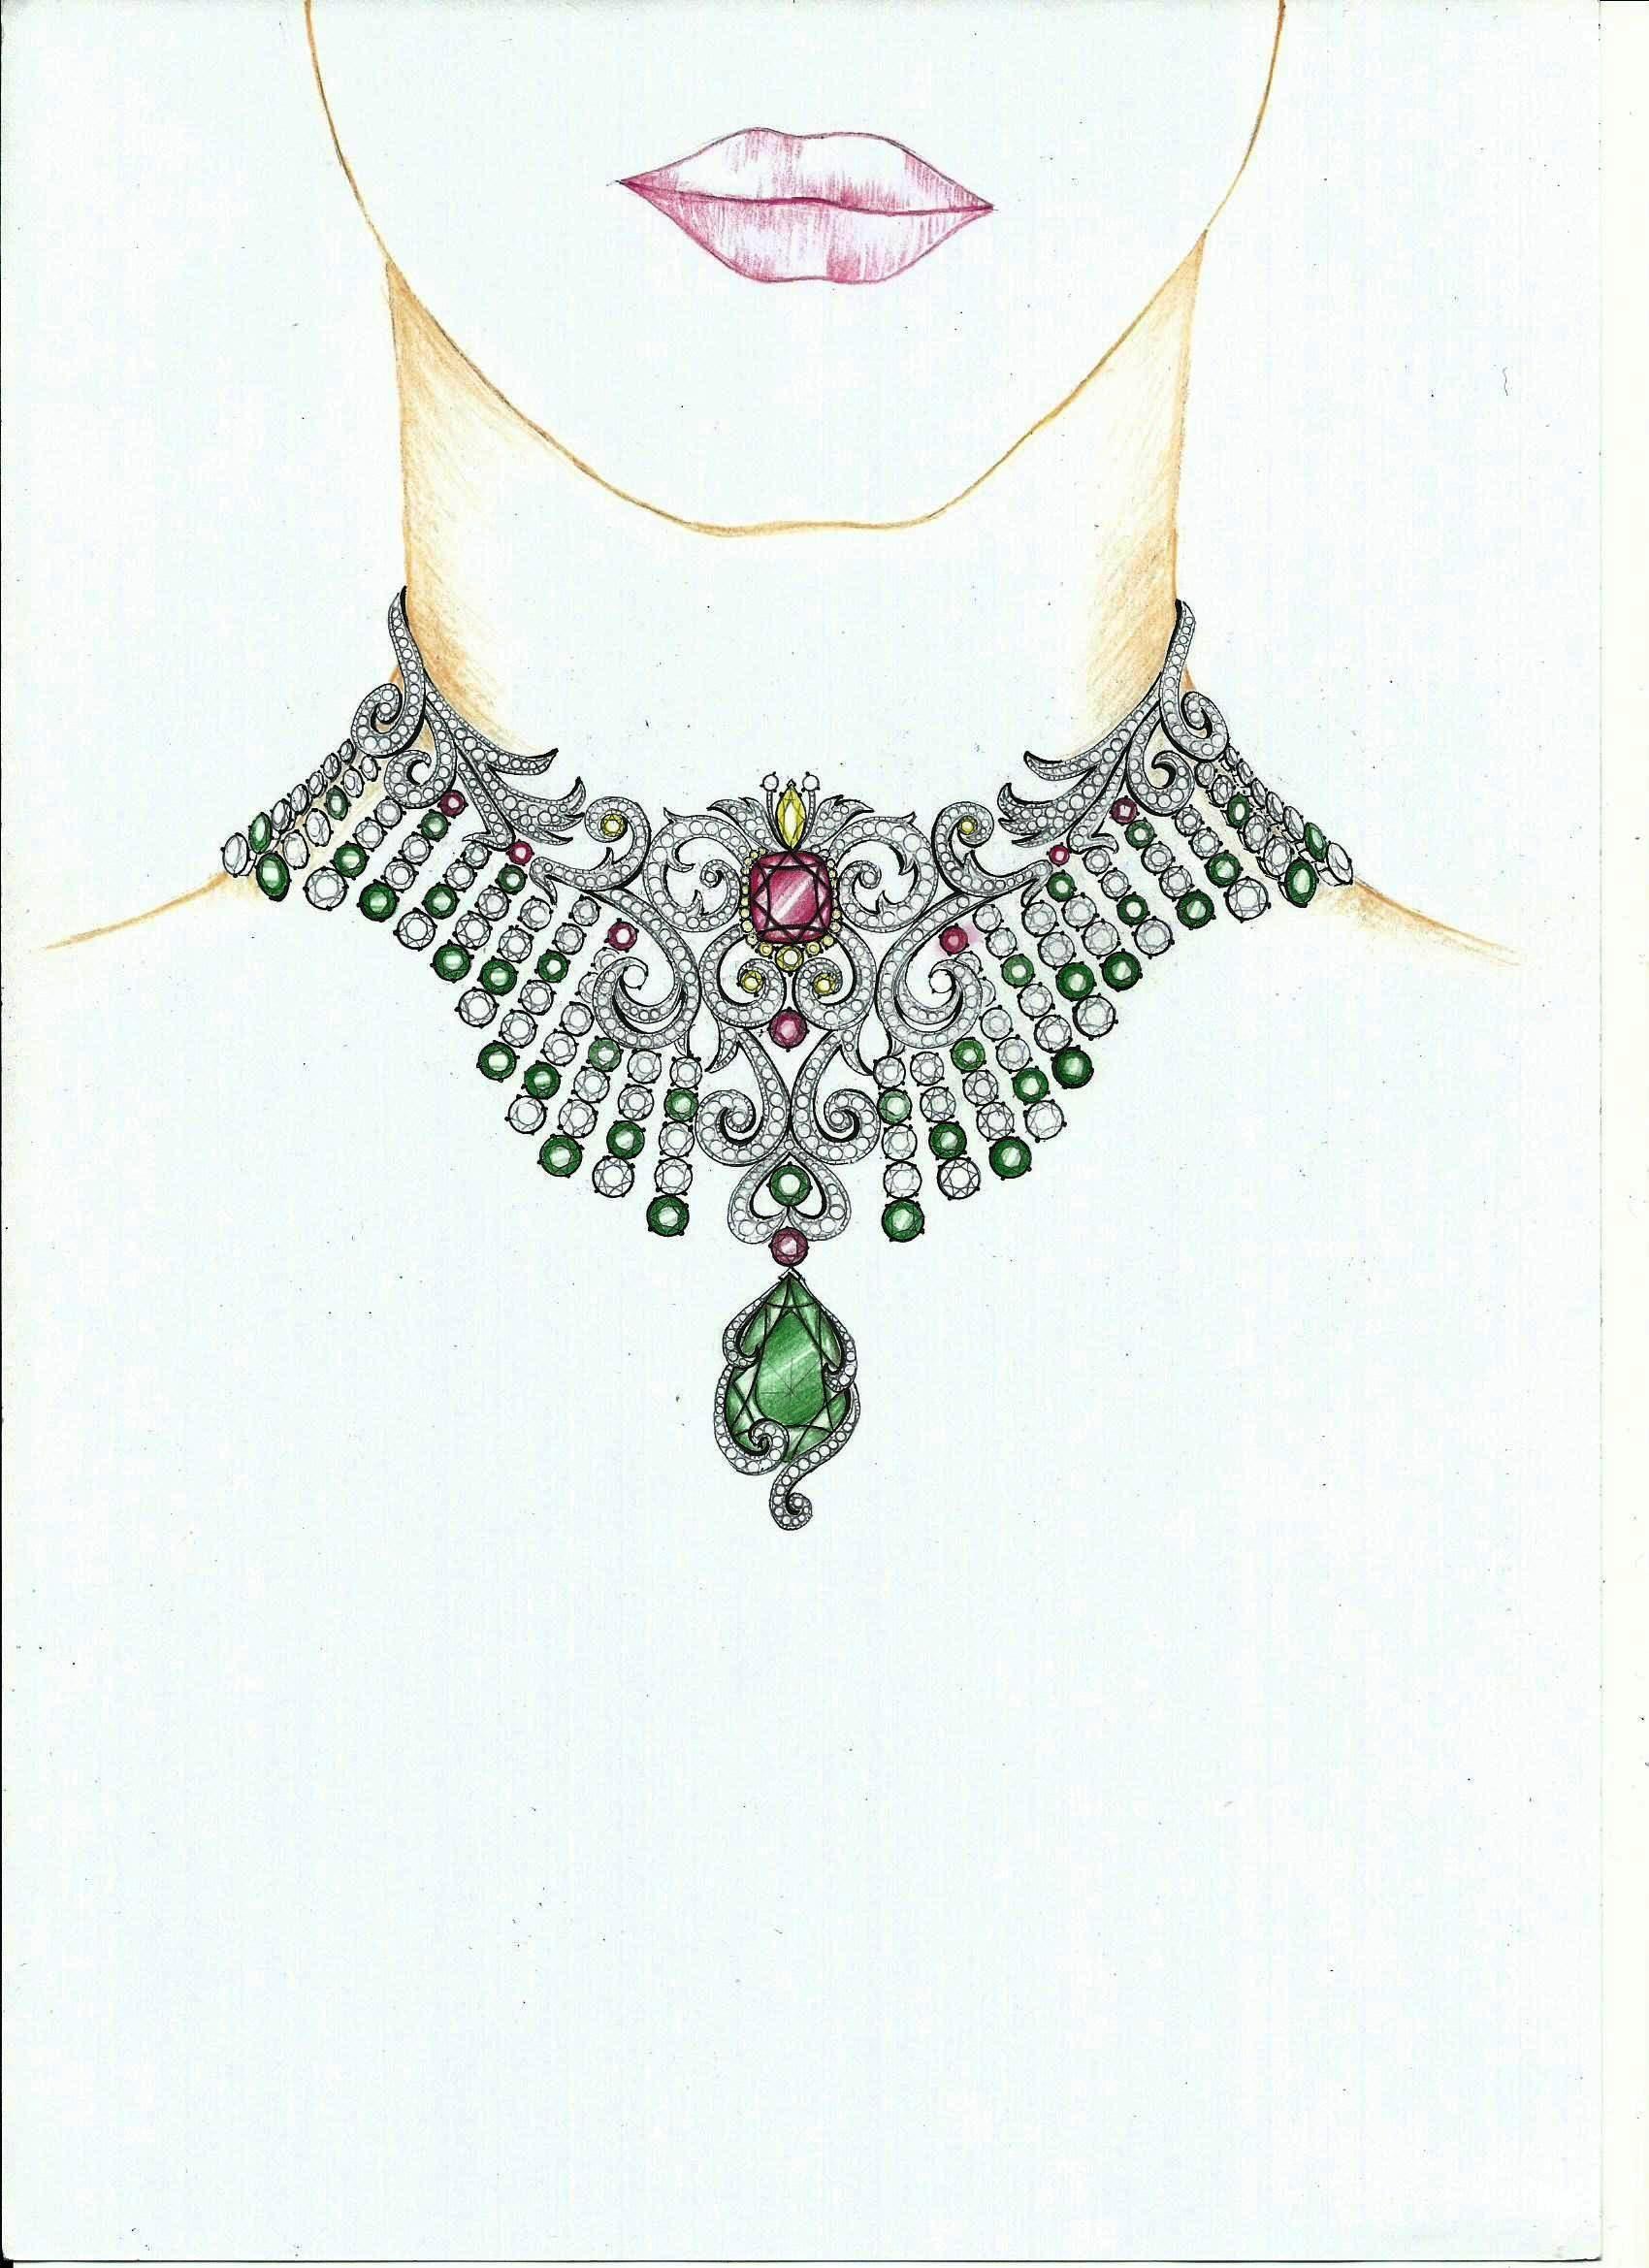 Liz Chow S Artwork Necklaces Rendering Jewellery